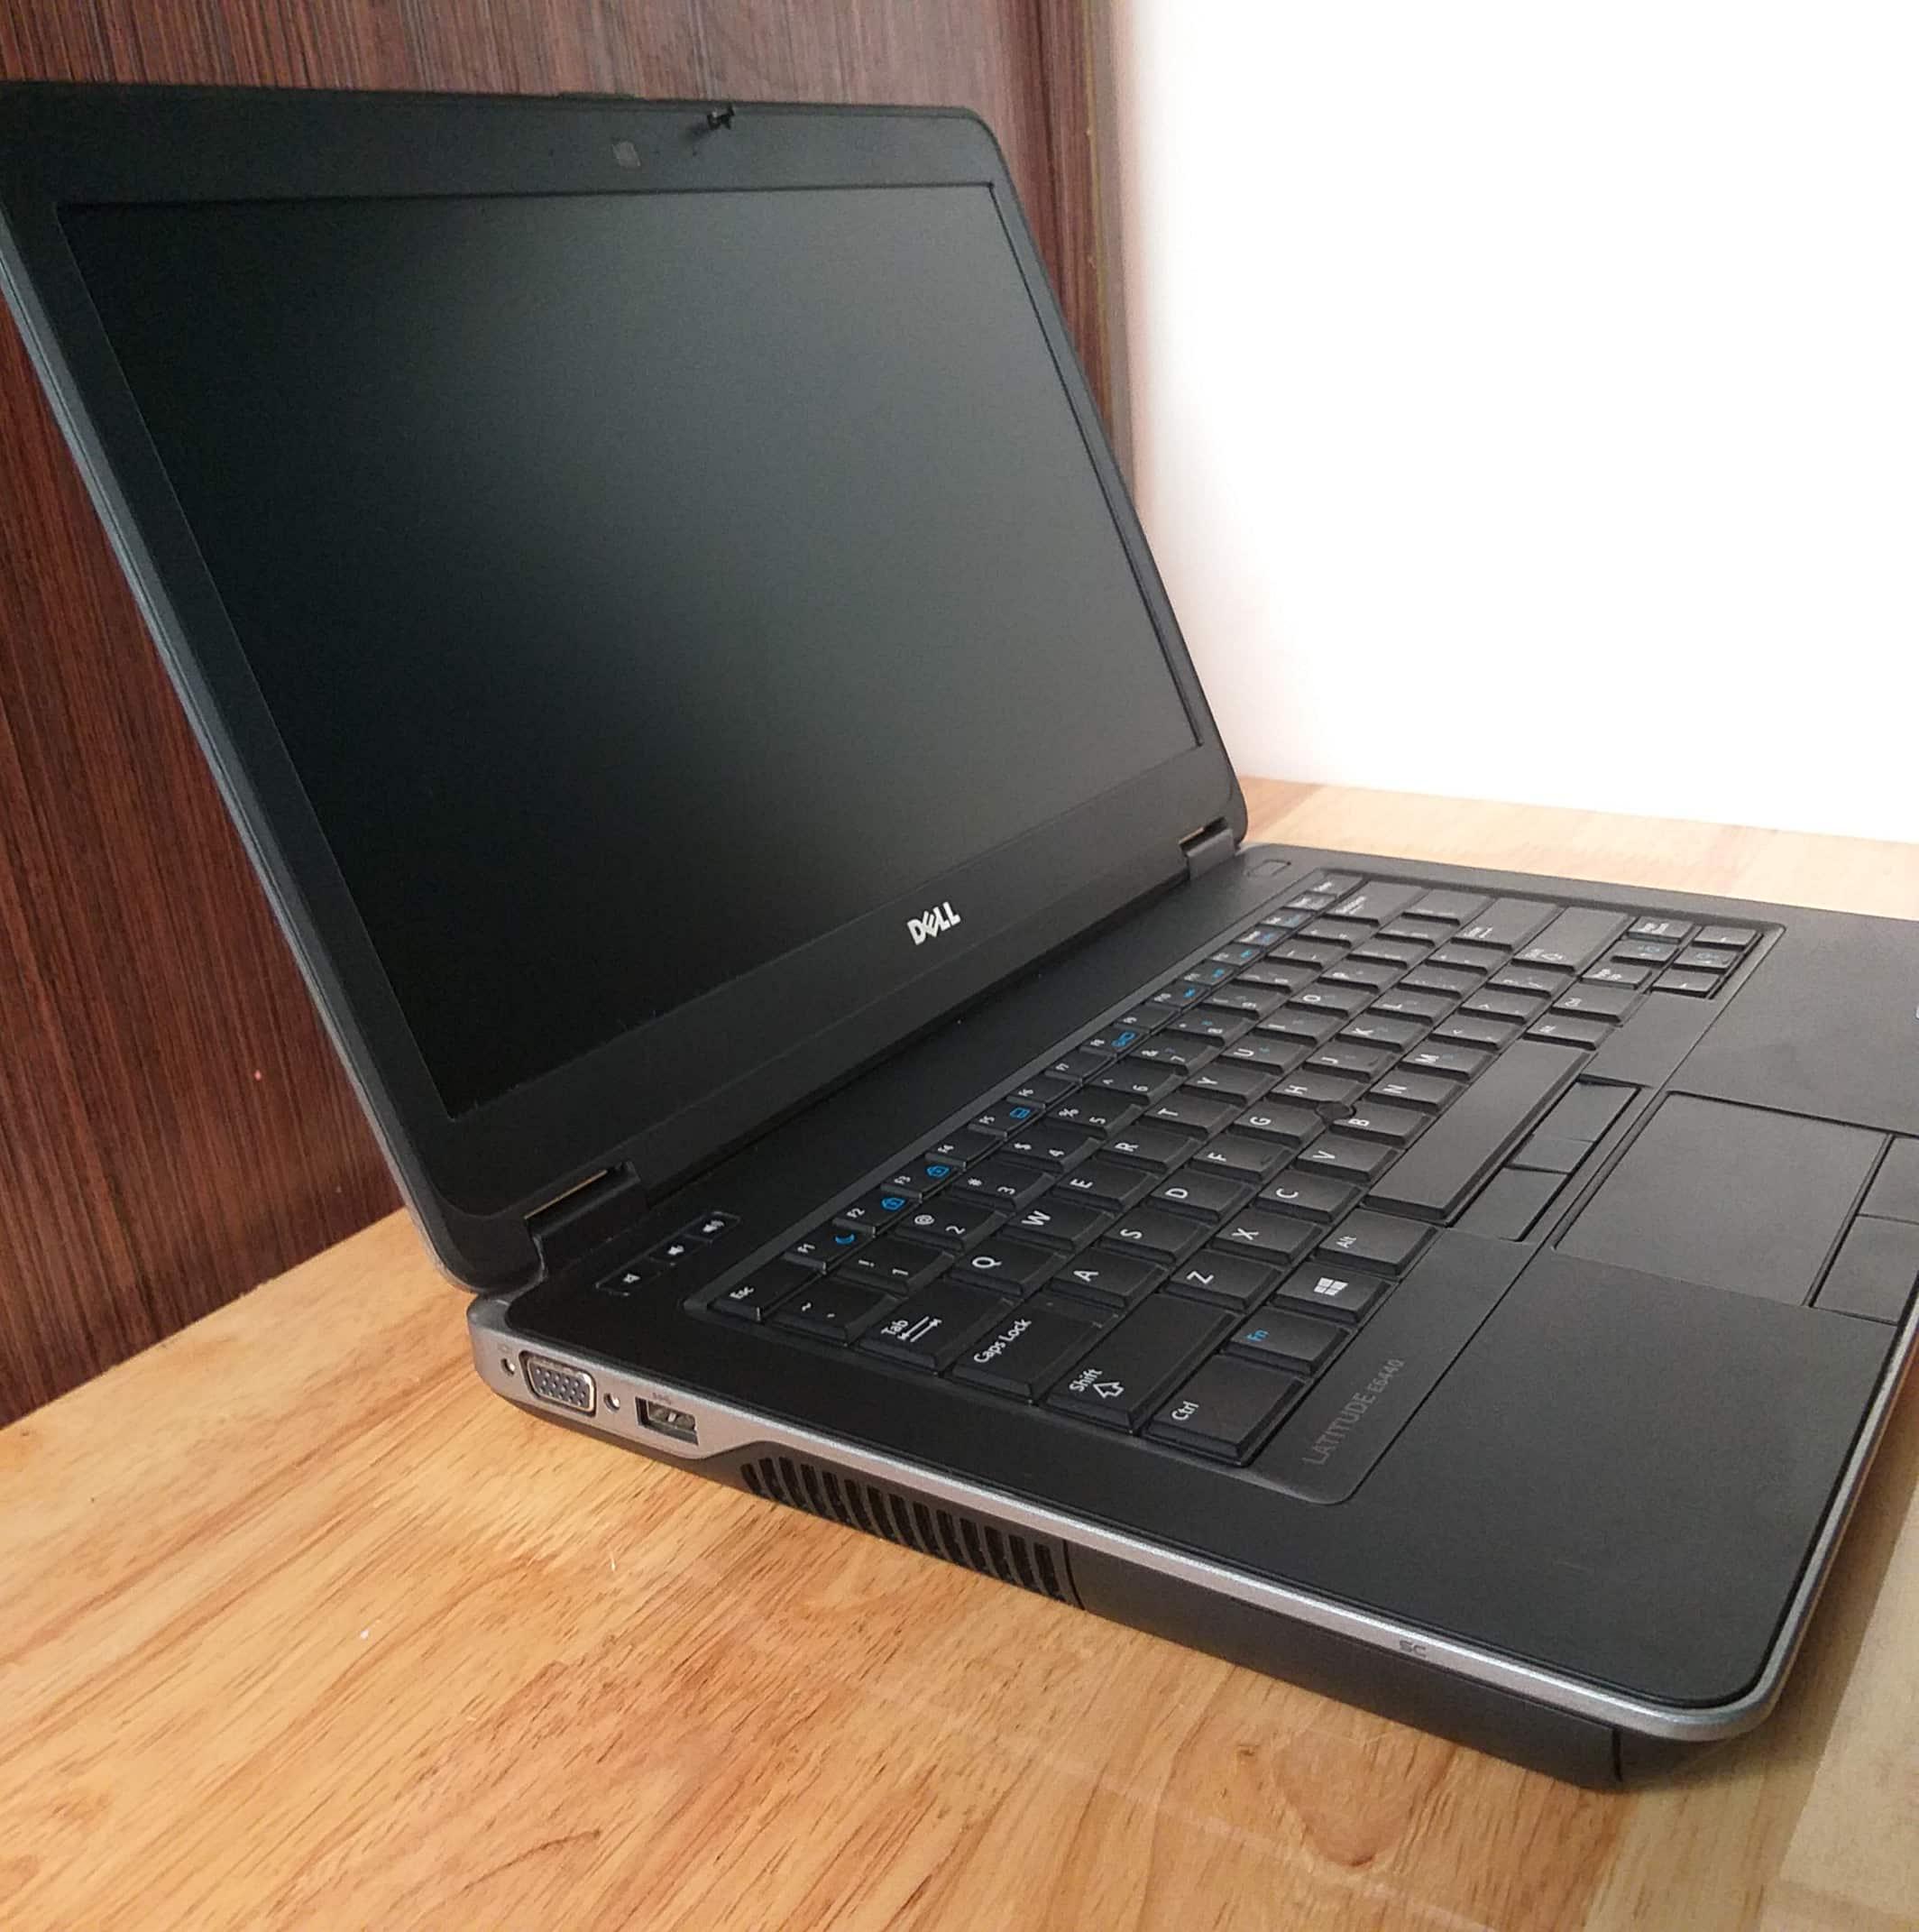 Laptop Dell Latitude E6440, I5 4300M RAM 4GB HDD 320GB